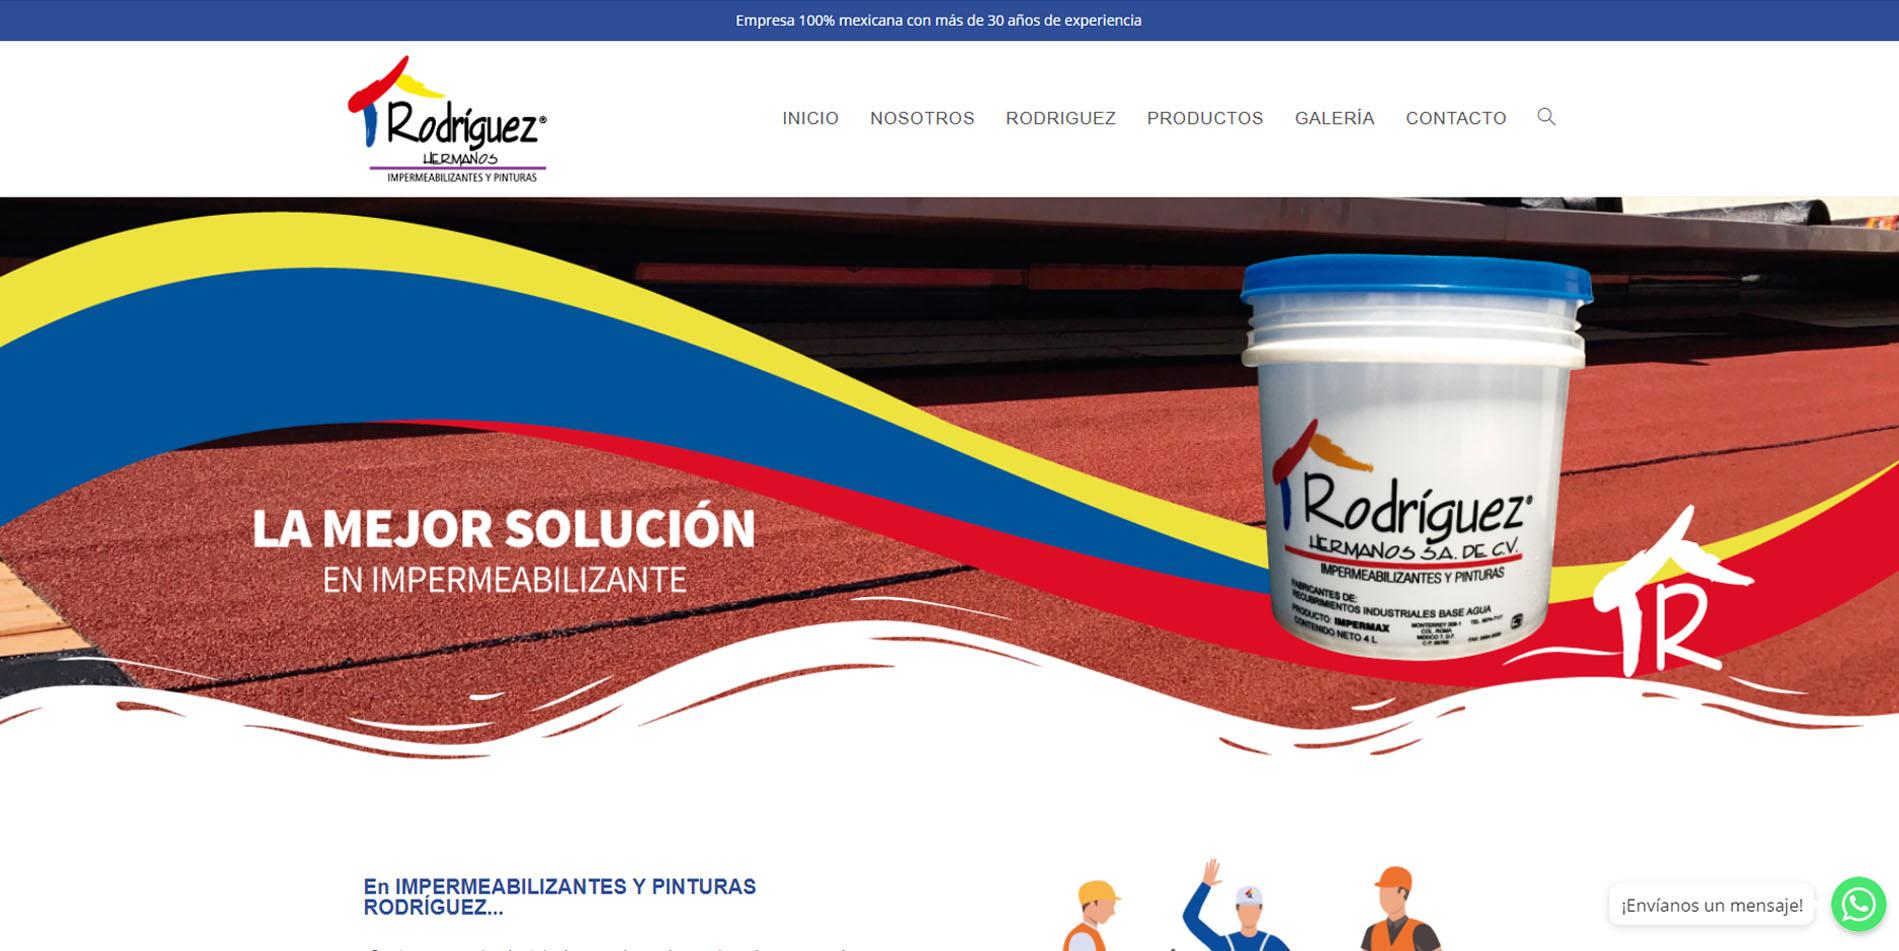 Páginas web en Estado de México 2018